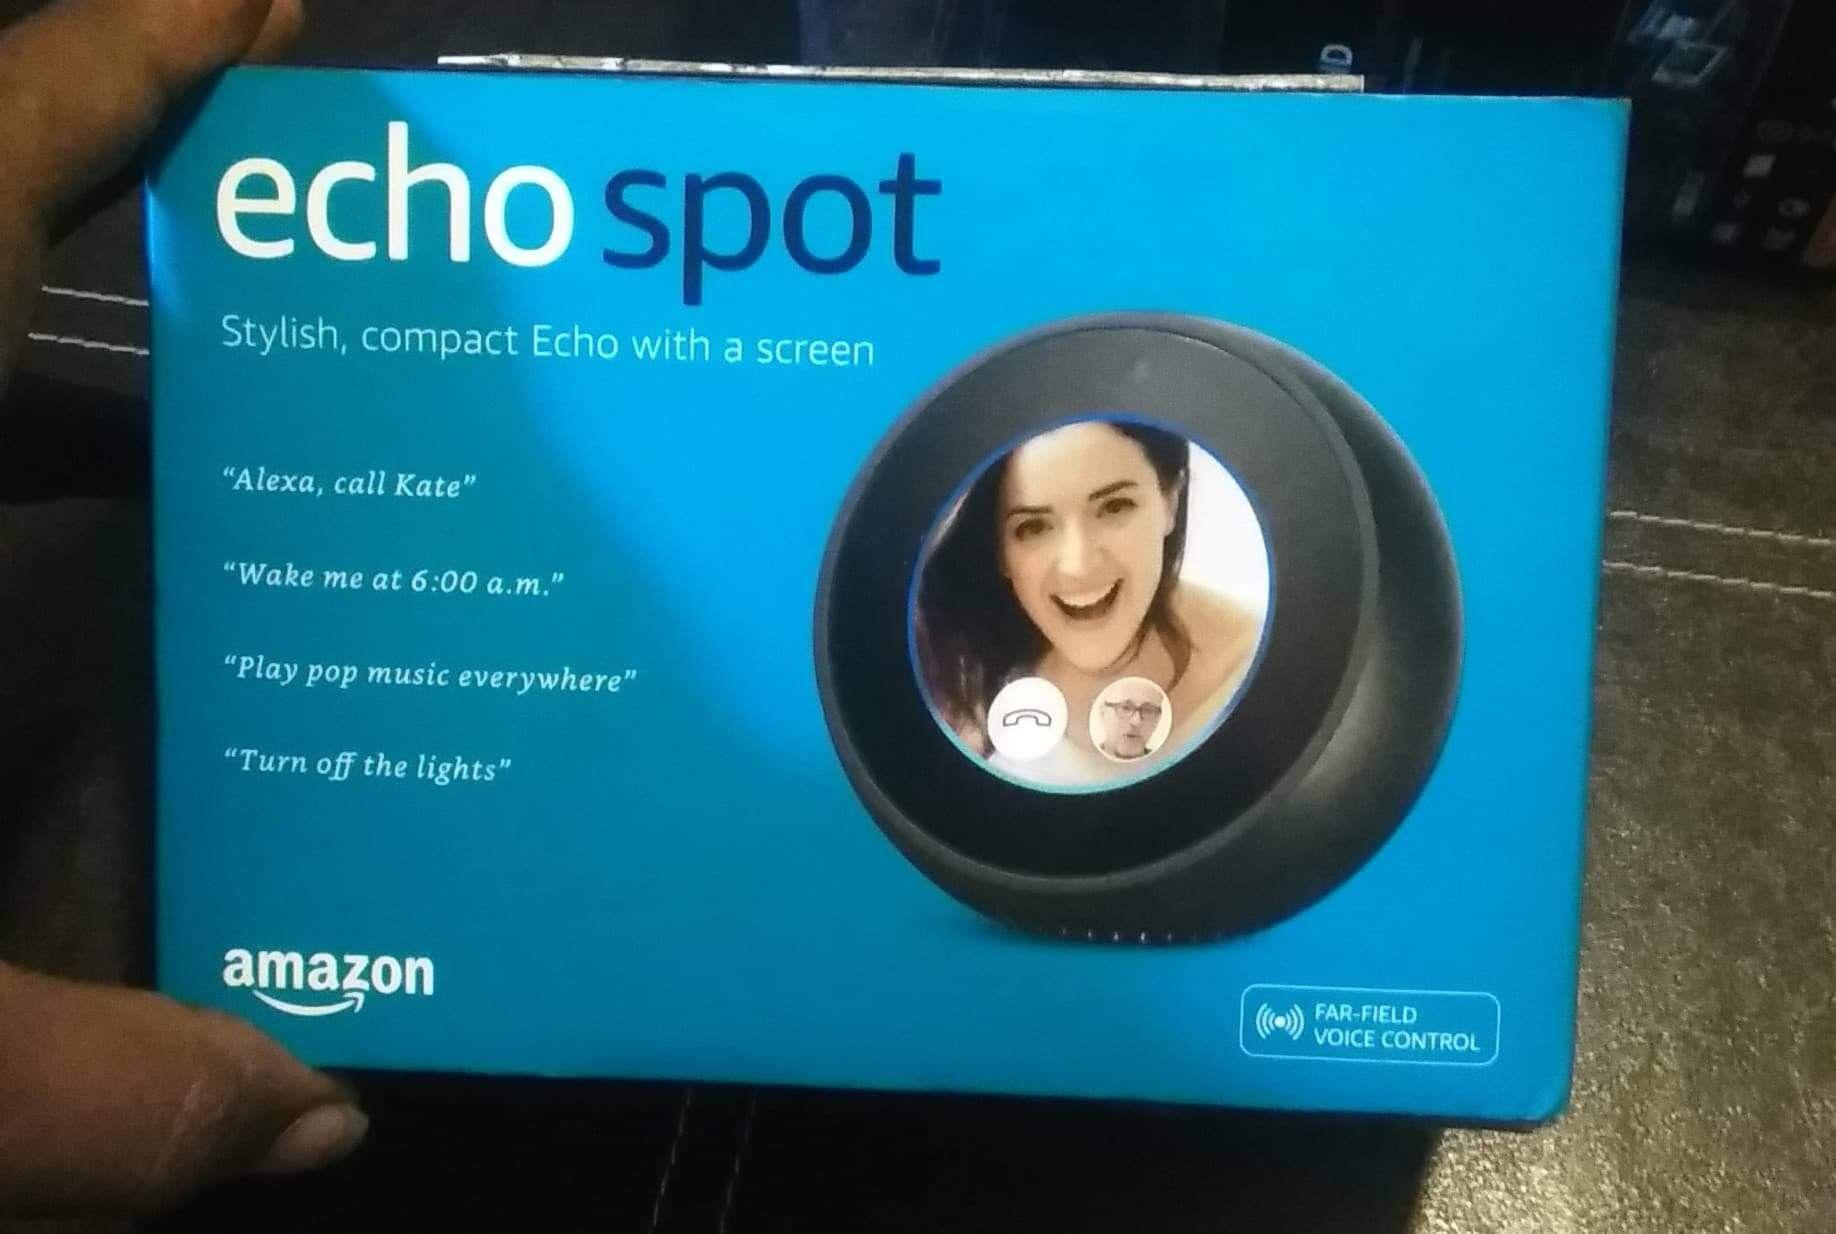 EchoSpot